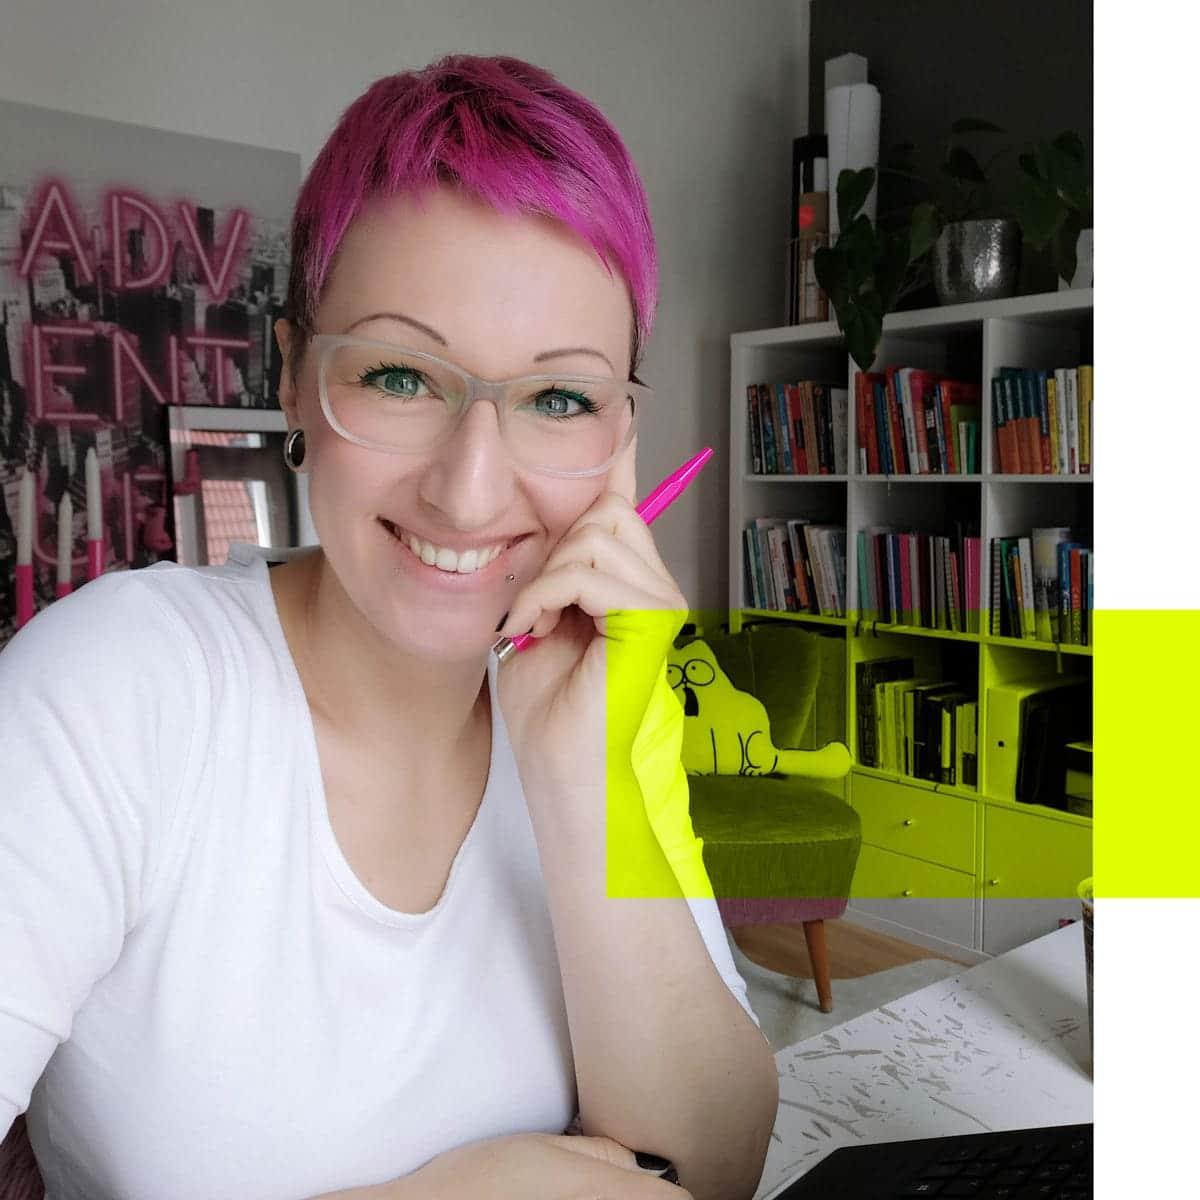 Lena sitzend am Schreibtisch, blickt lächelnd in die Kamera